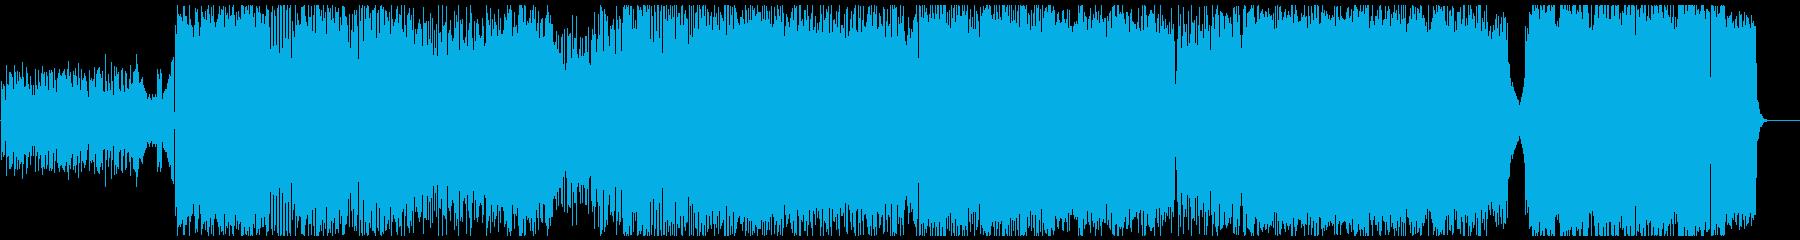 和風で疾走感のある轟音ロックですの再生済みの波形